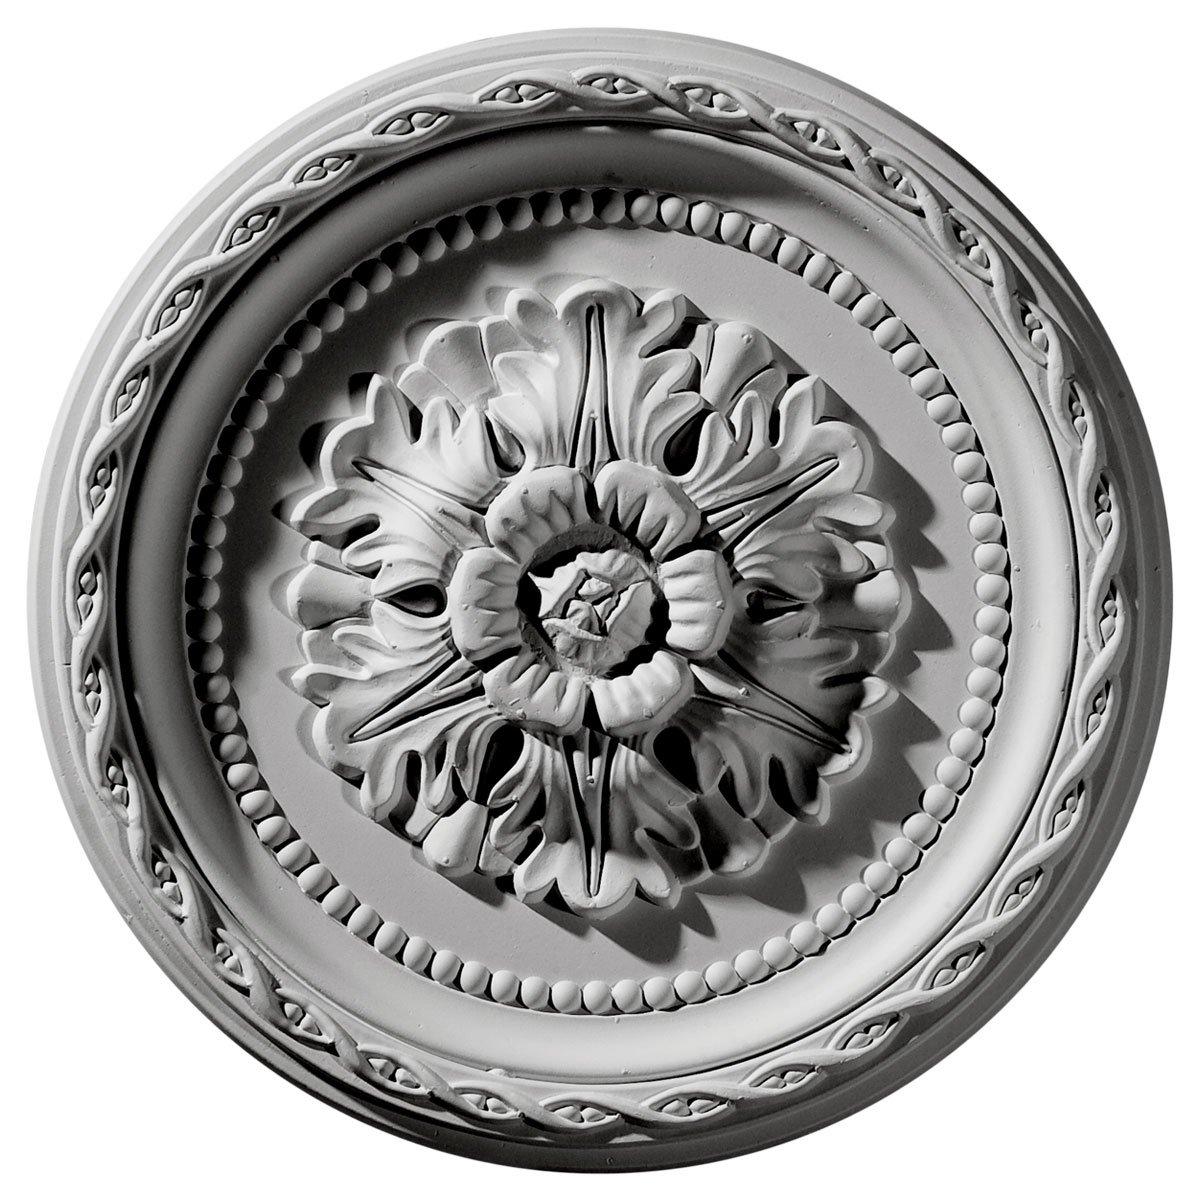 Ekena Millwork CM11PA 11 1/2-Inch OD x 1 1/2-Inch ID x 1-Inch Palmetto Ceiling Medallion